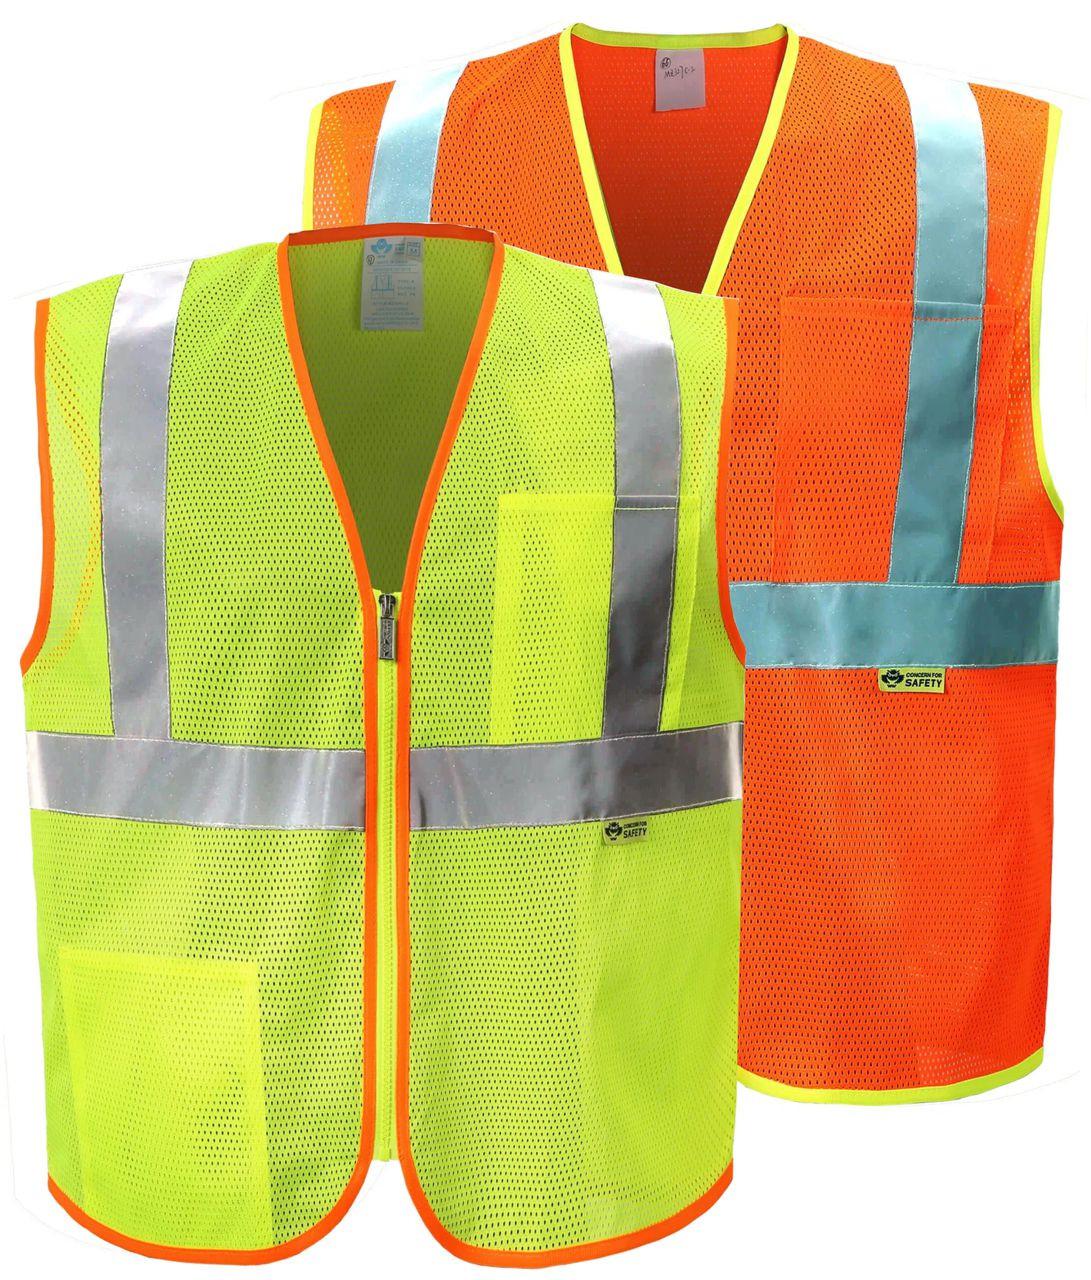 ANSI Class 2 Safety Vest | Reflective Contrast Safety Vest